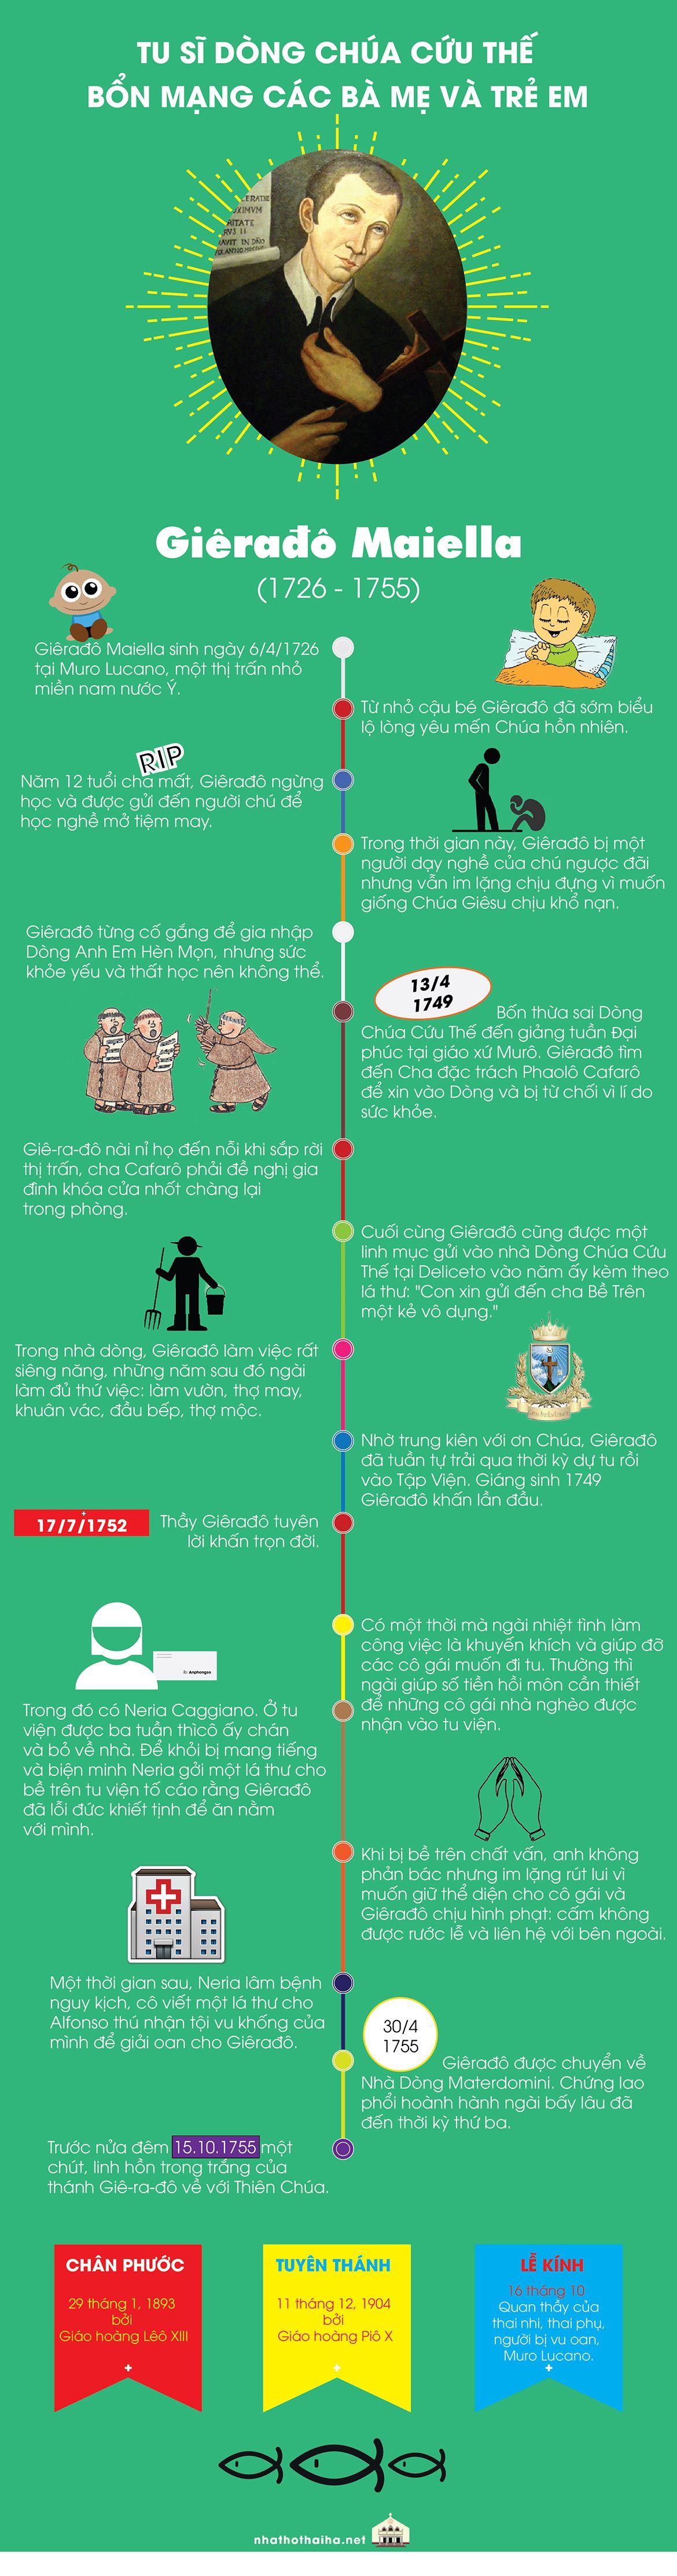 Infographic-Gierado